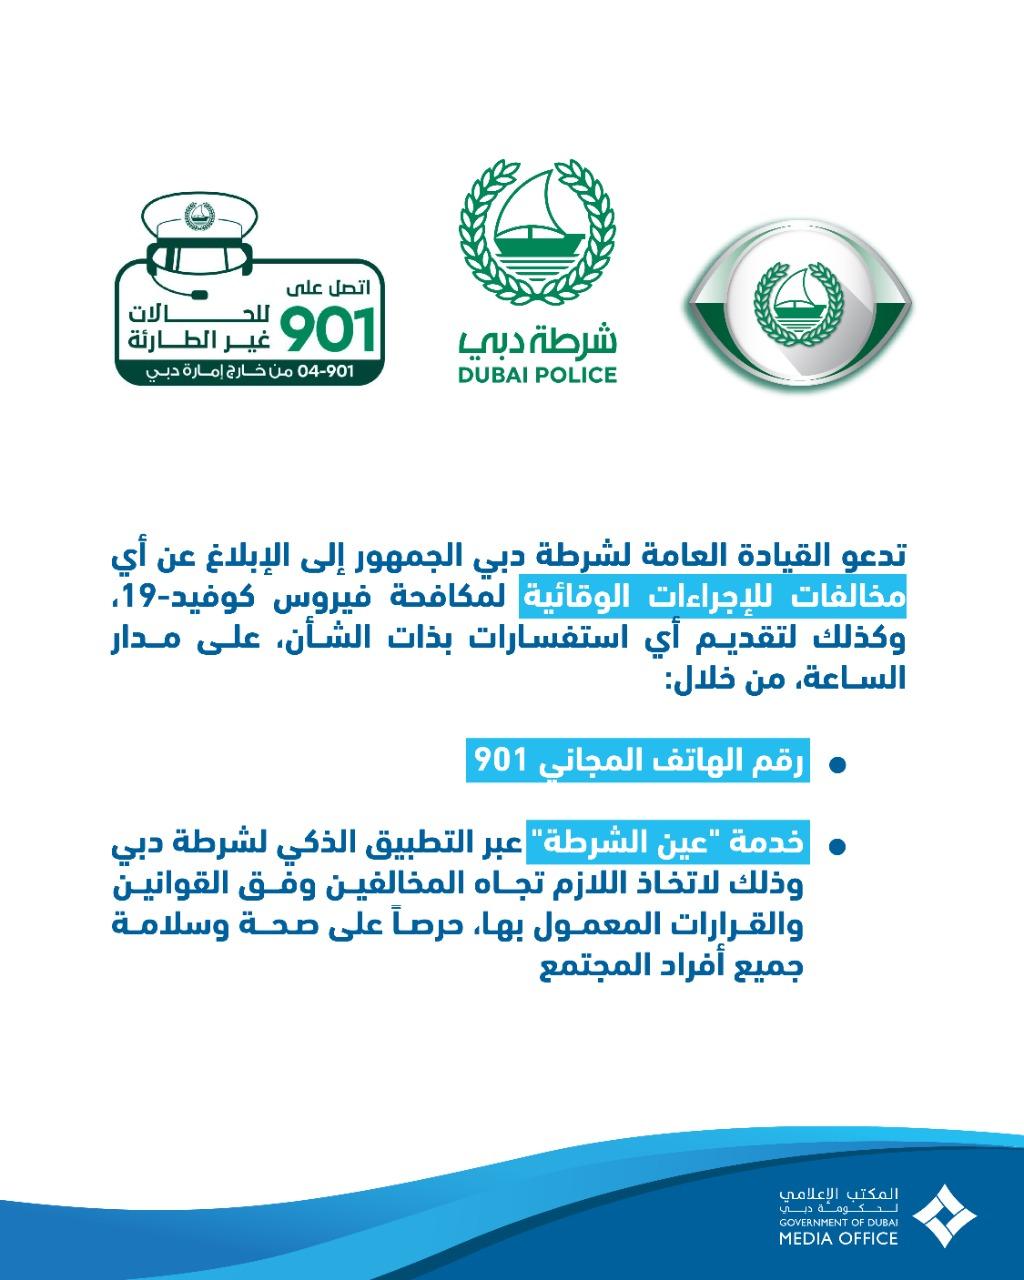 شرطة دبي تدعو الجمهور للإبلاغ عن مخالفات الإجراءات الاحترازية عبر الرقم 901 وخدمة